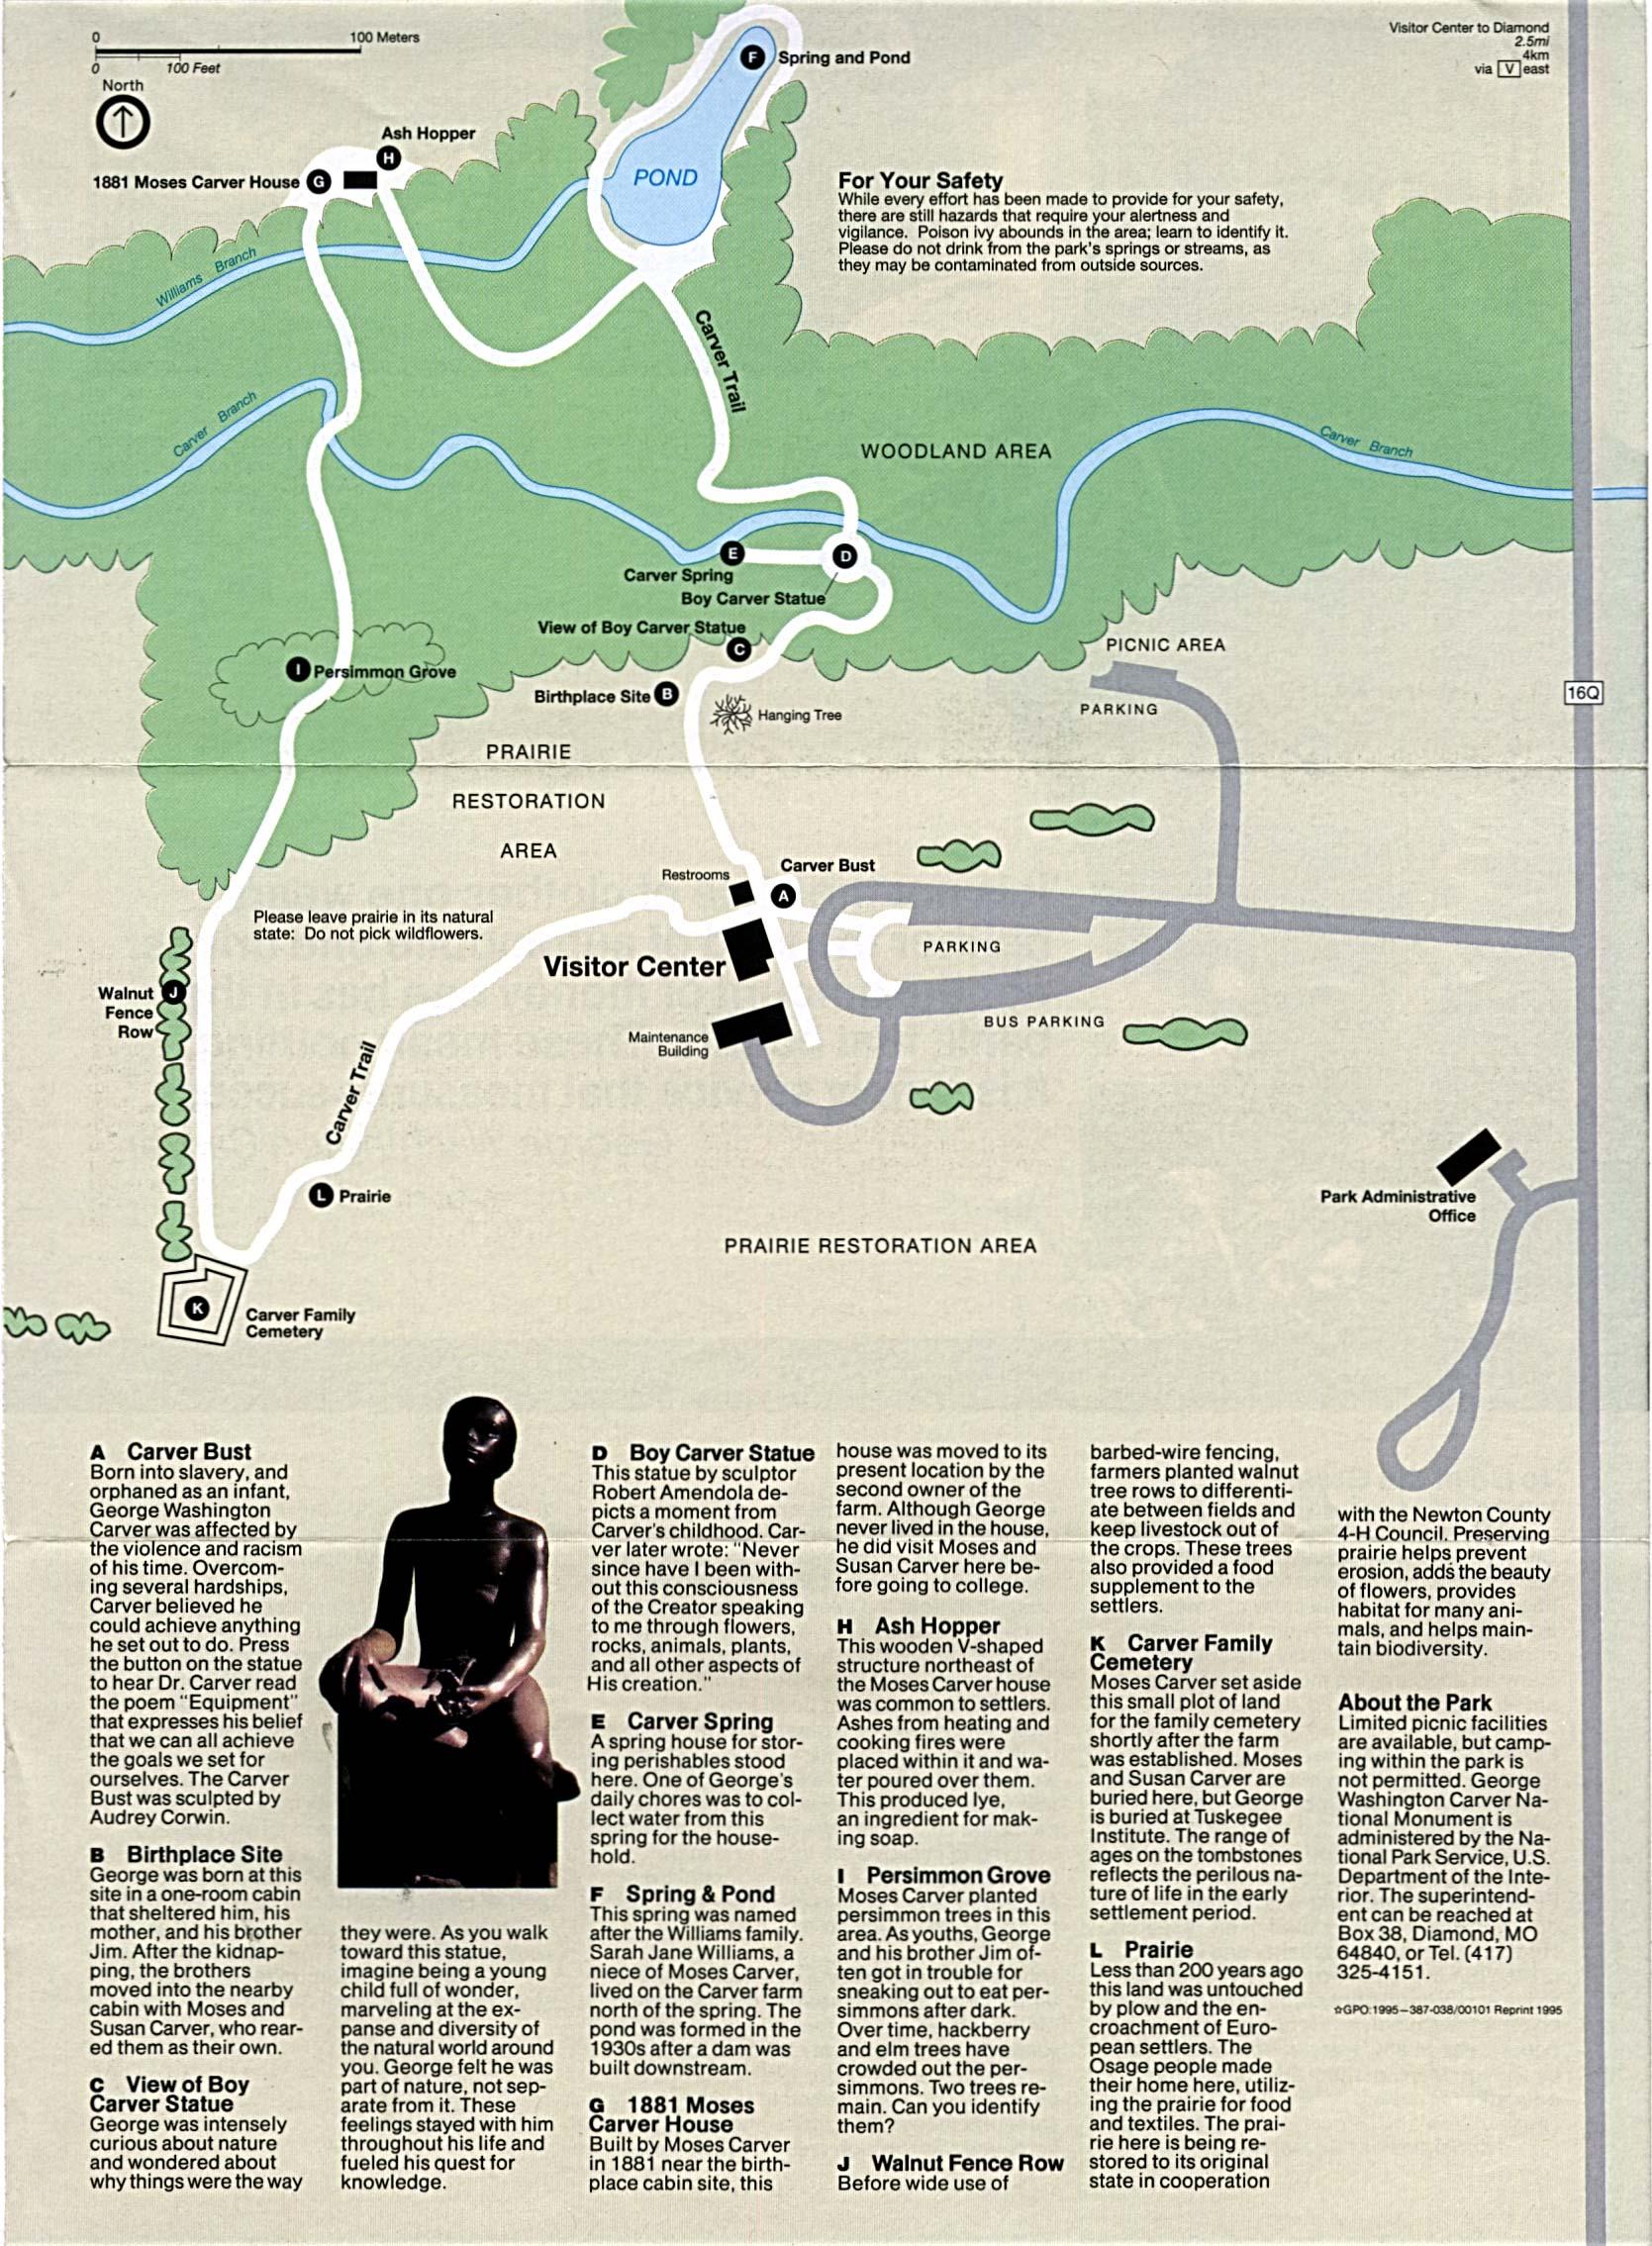 Mapa del Parque del Monumento Nacional George Washington Carver, Missouri, Estados Unidos